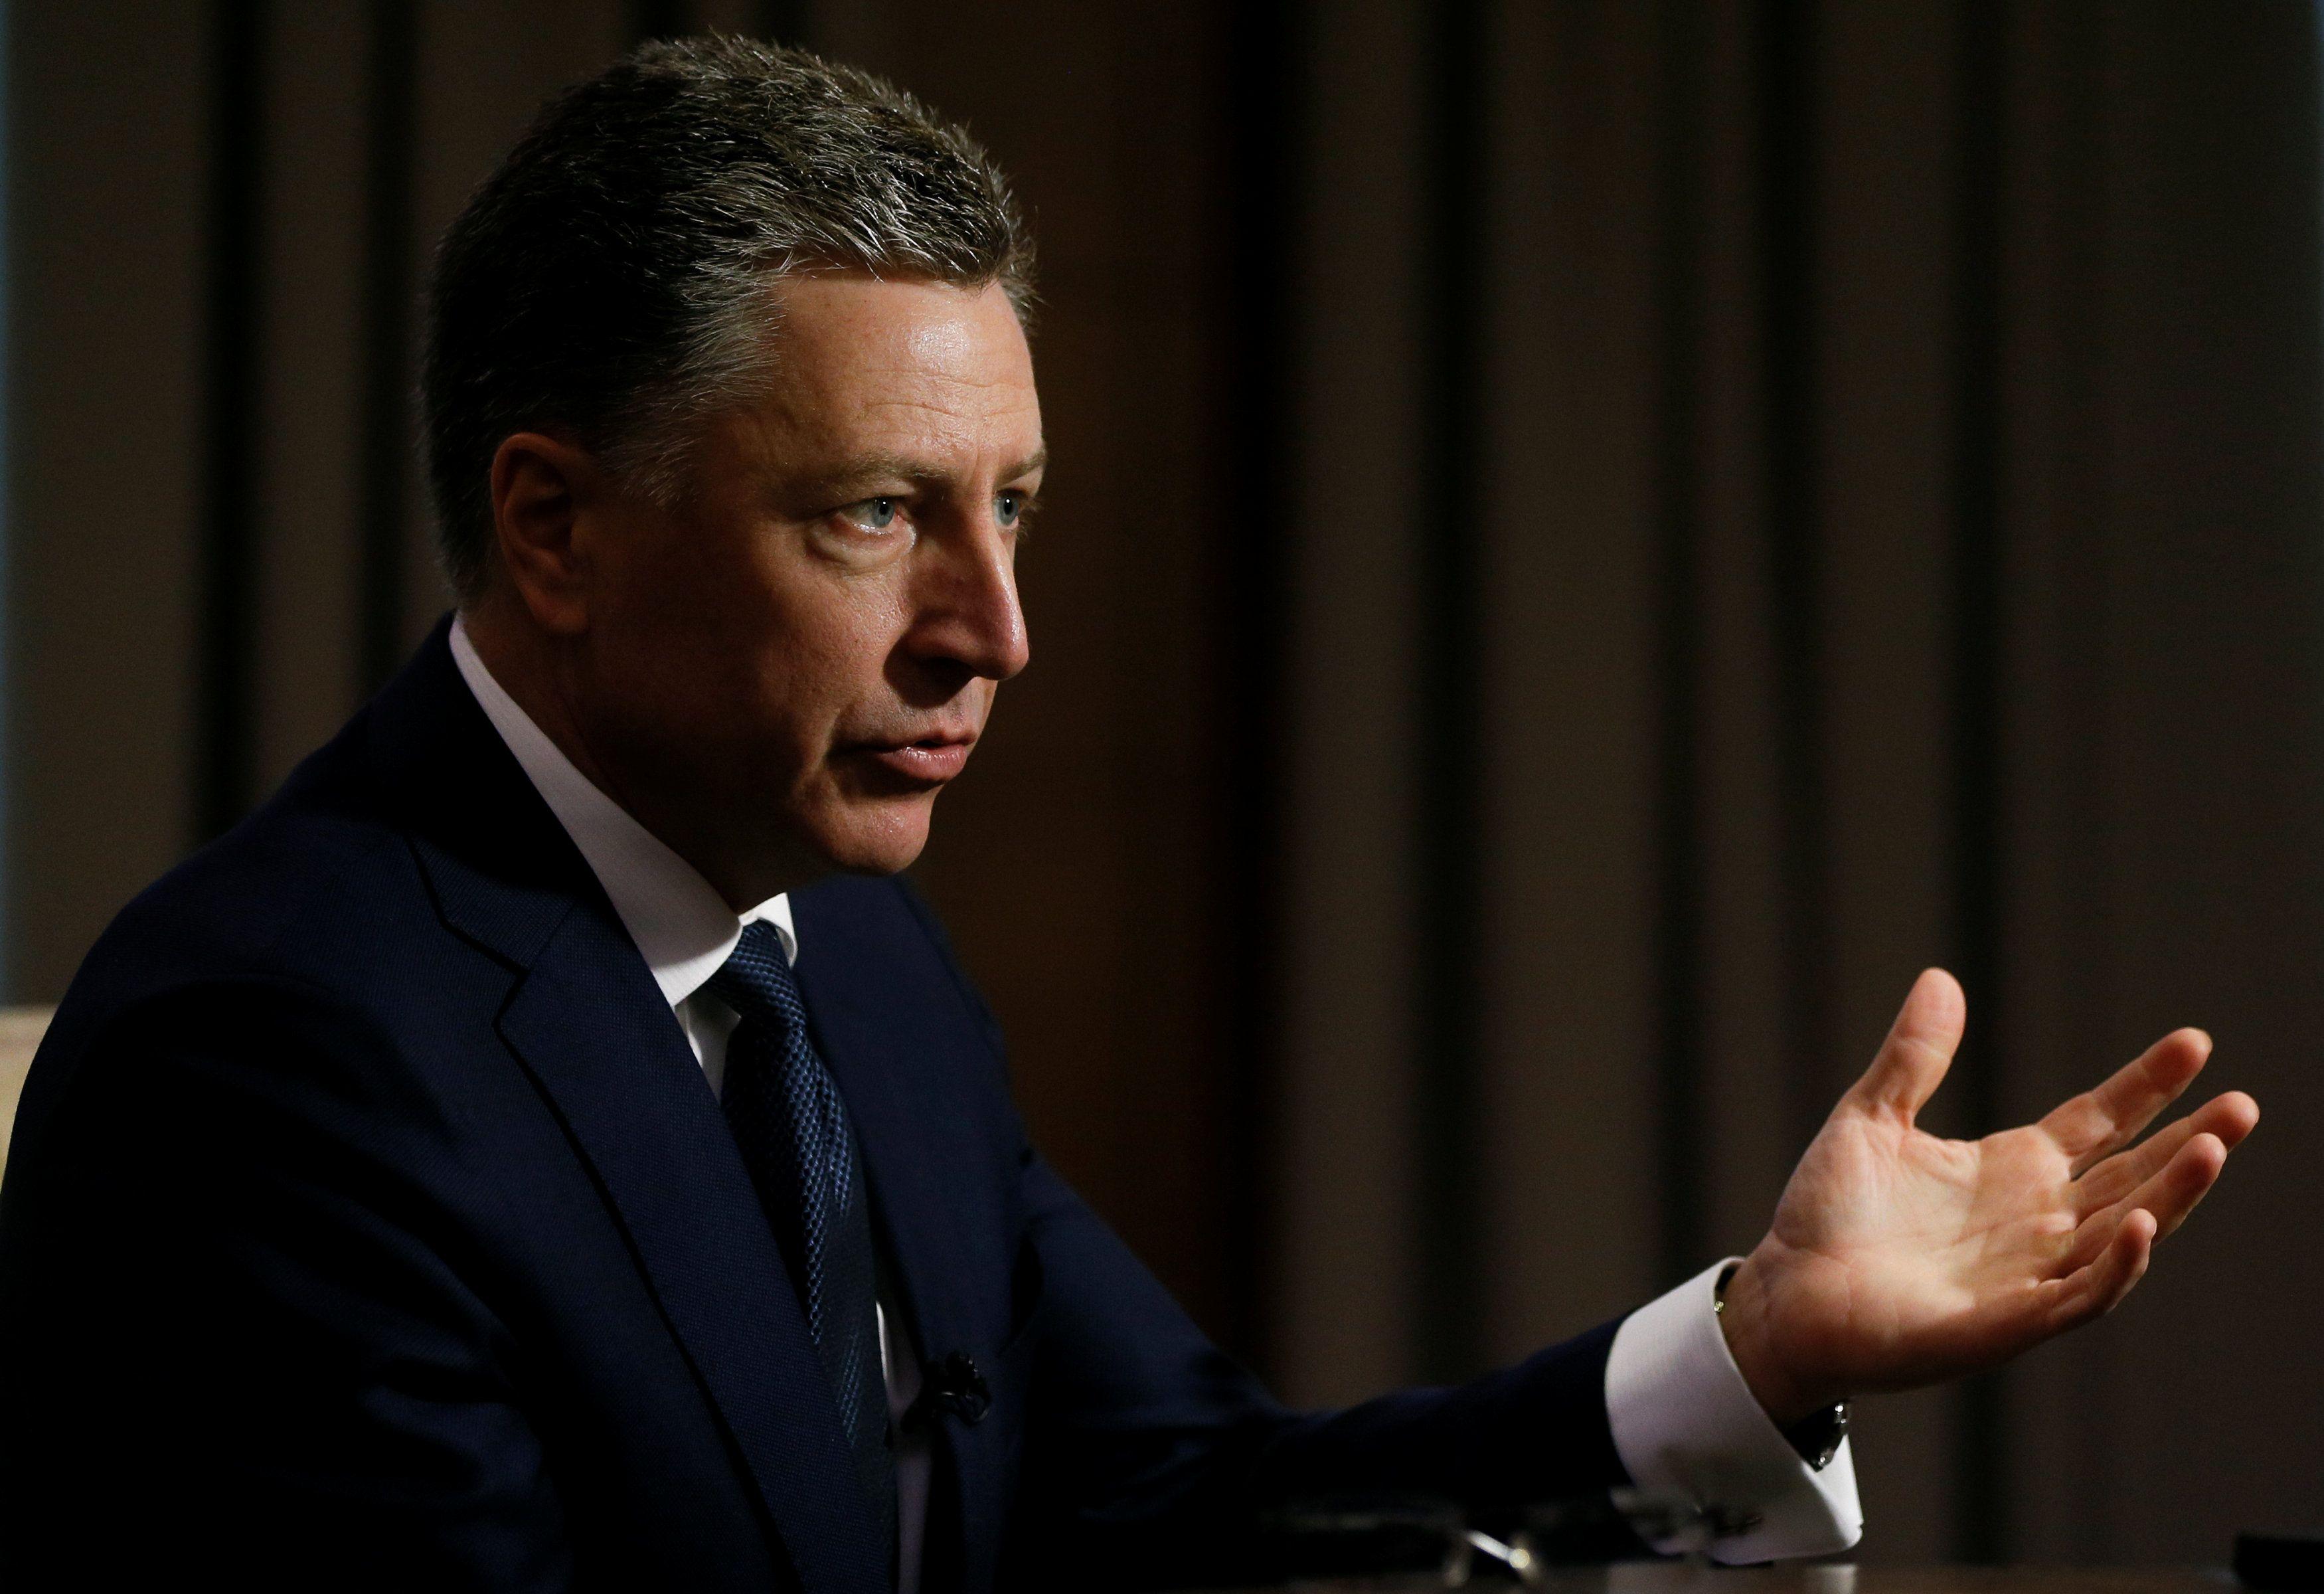 Курт Волкер подал в отставку, поскольку его миссия - провальная, полагают в Совете Федерации РФ